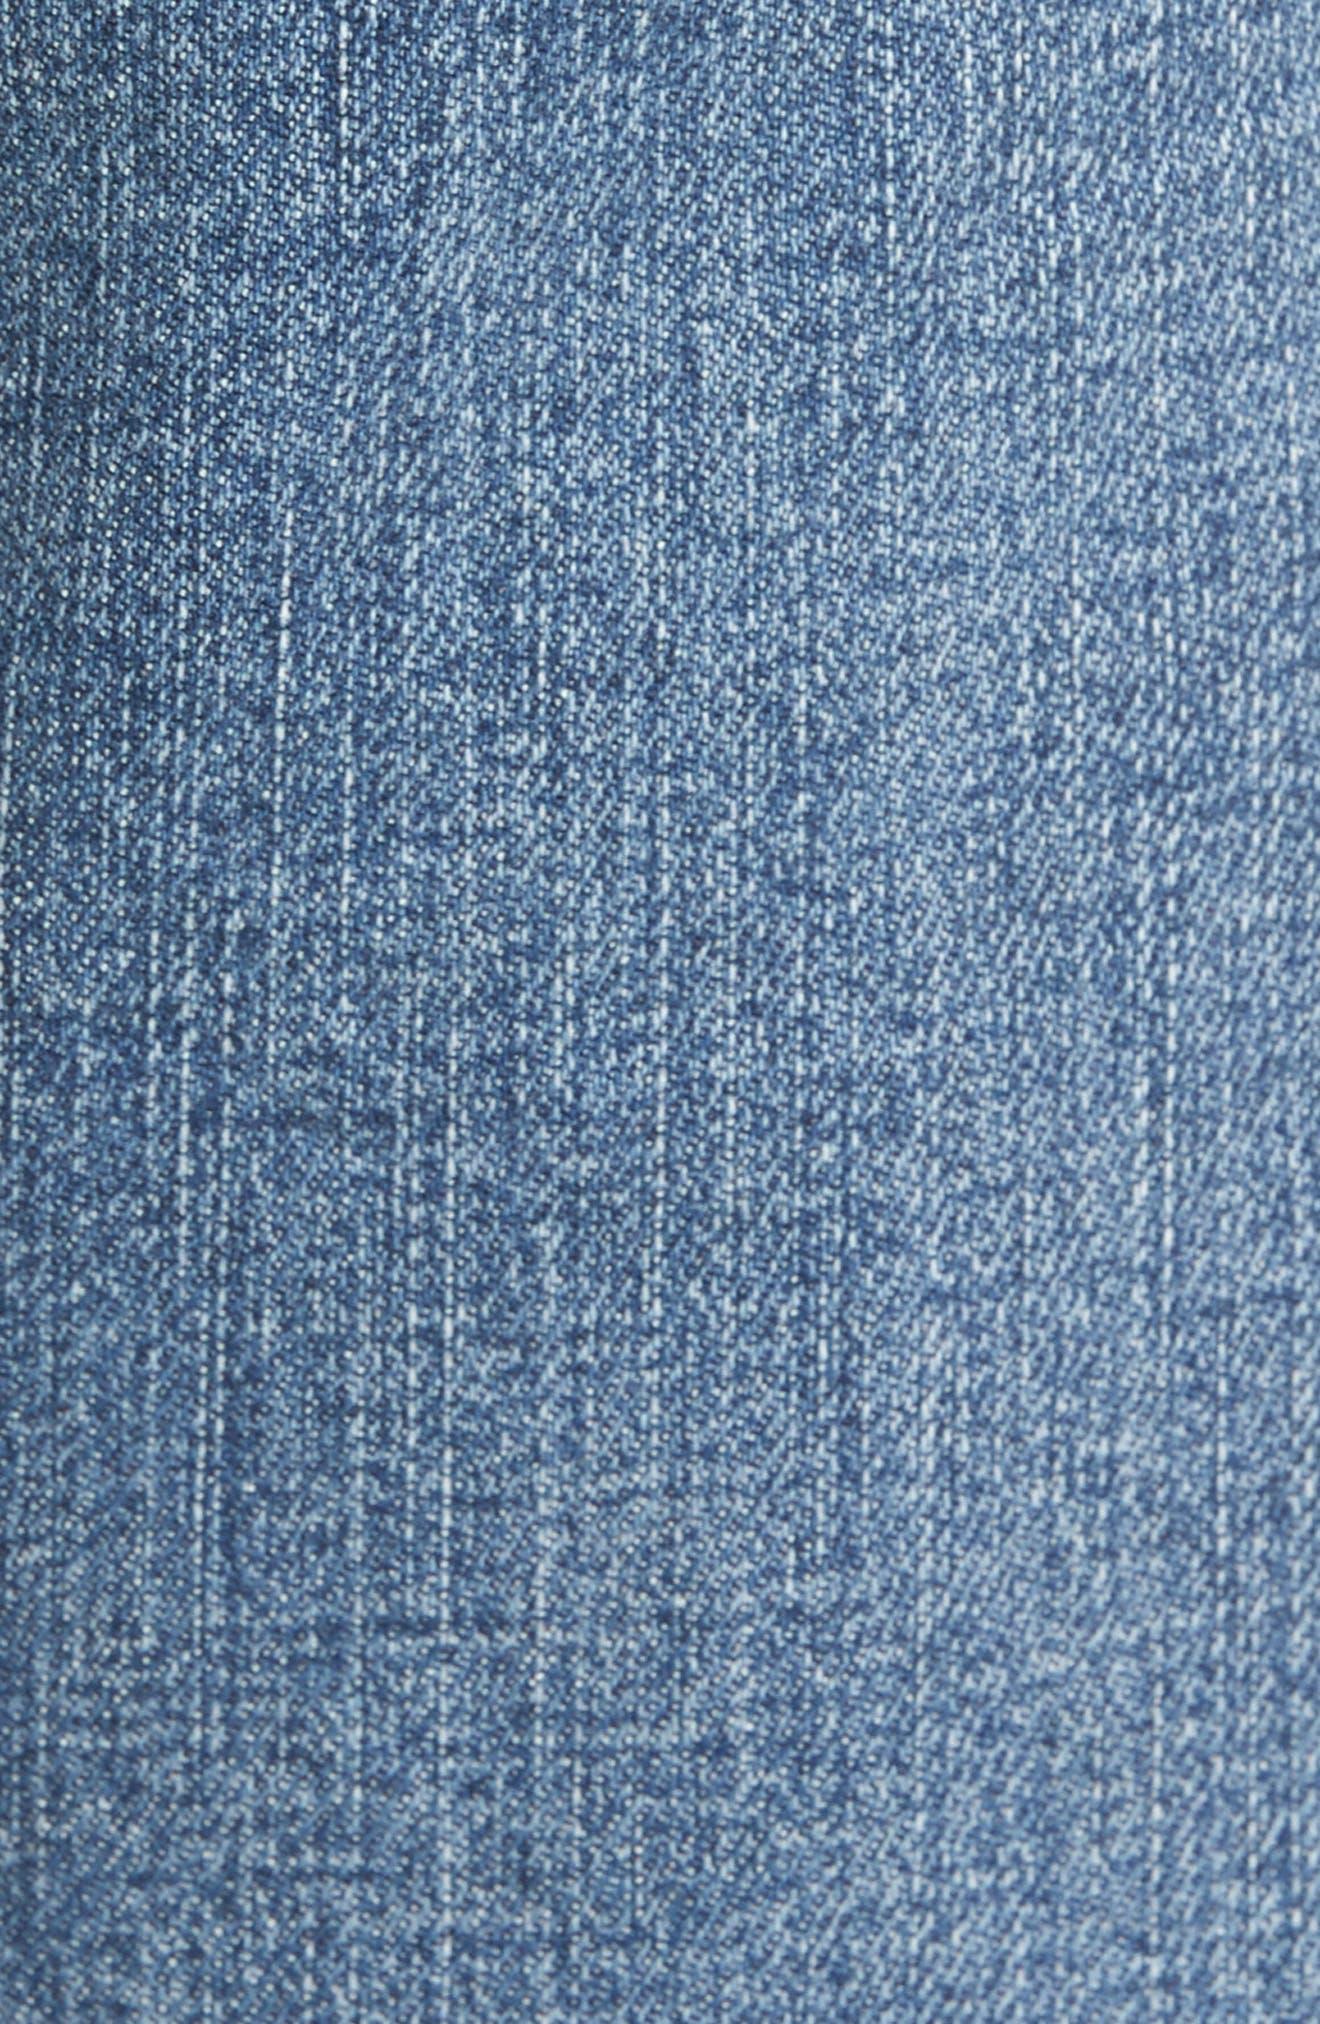 Daggers Slim Fit Jeans,                             Alternate thumbnail 10, color,